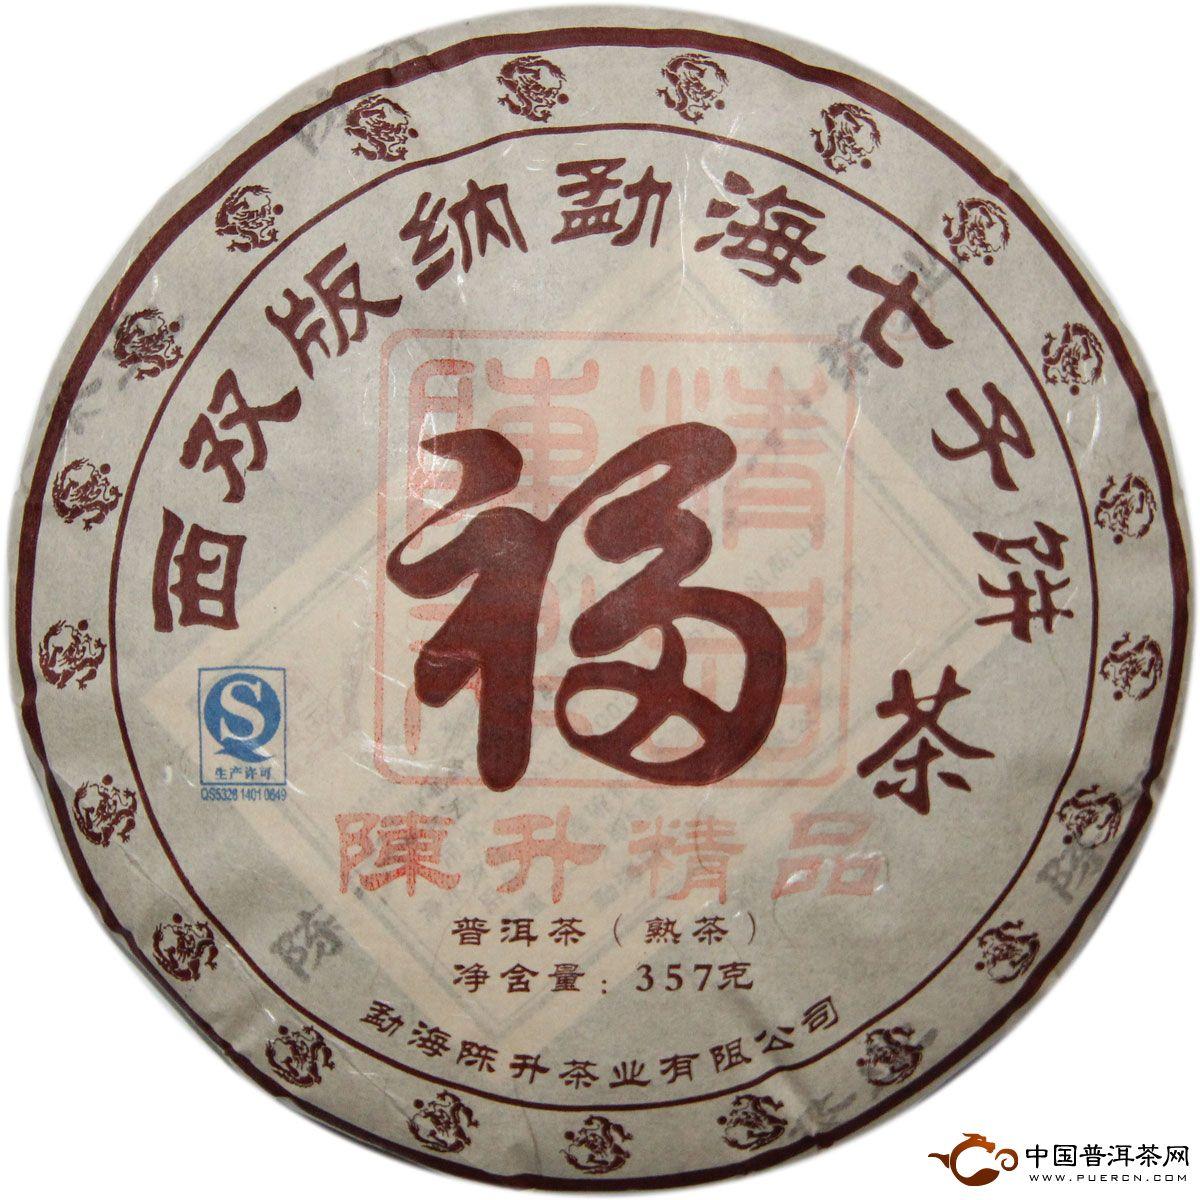 2012年陈升号福茶(熟茶) 357克